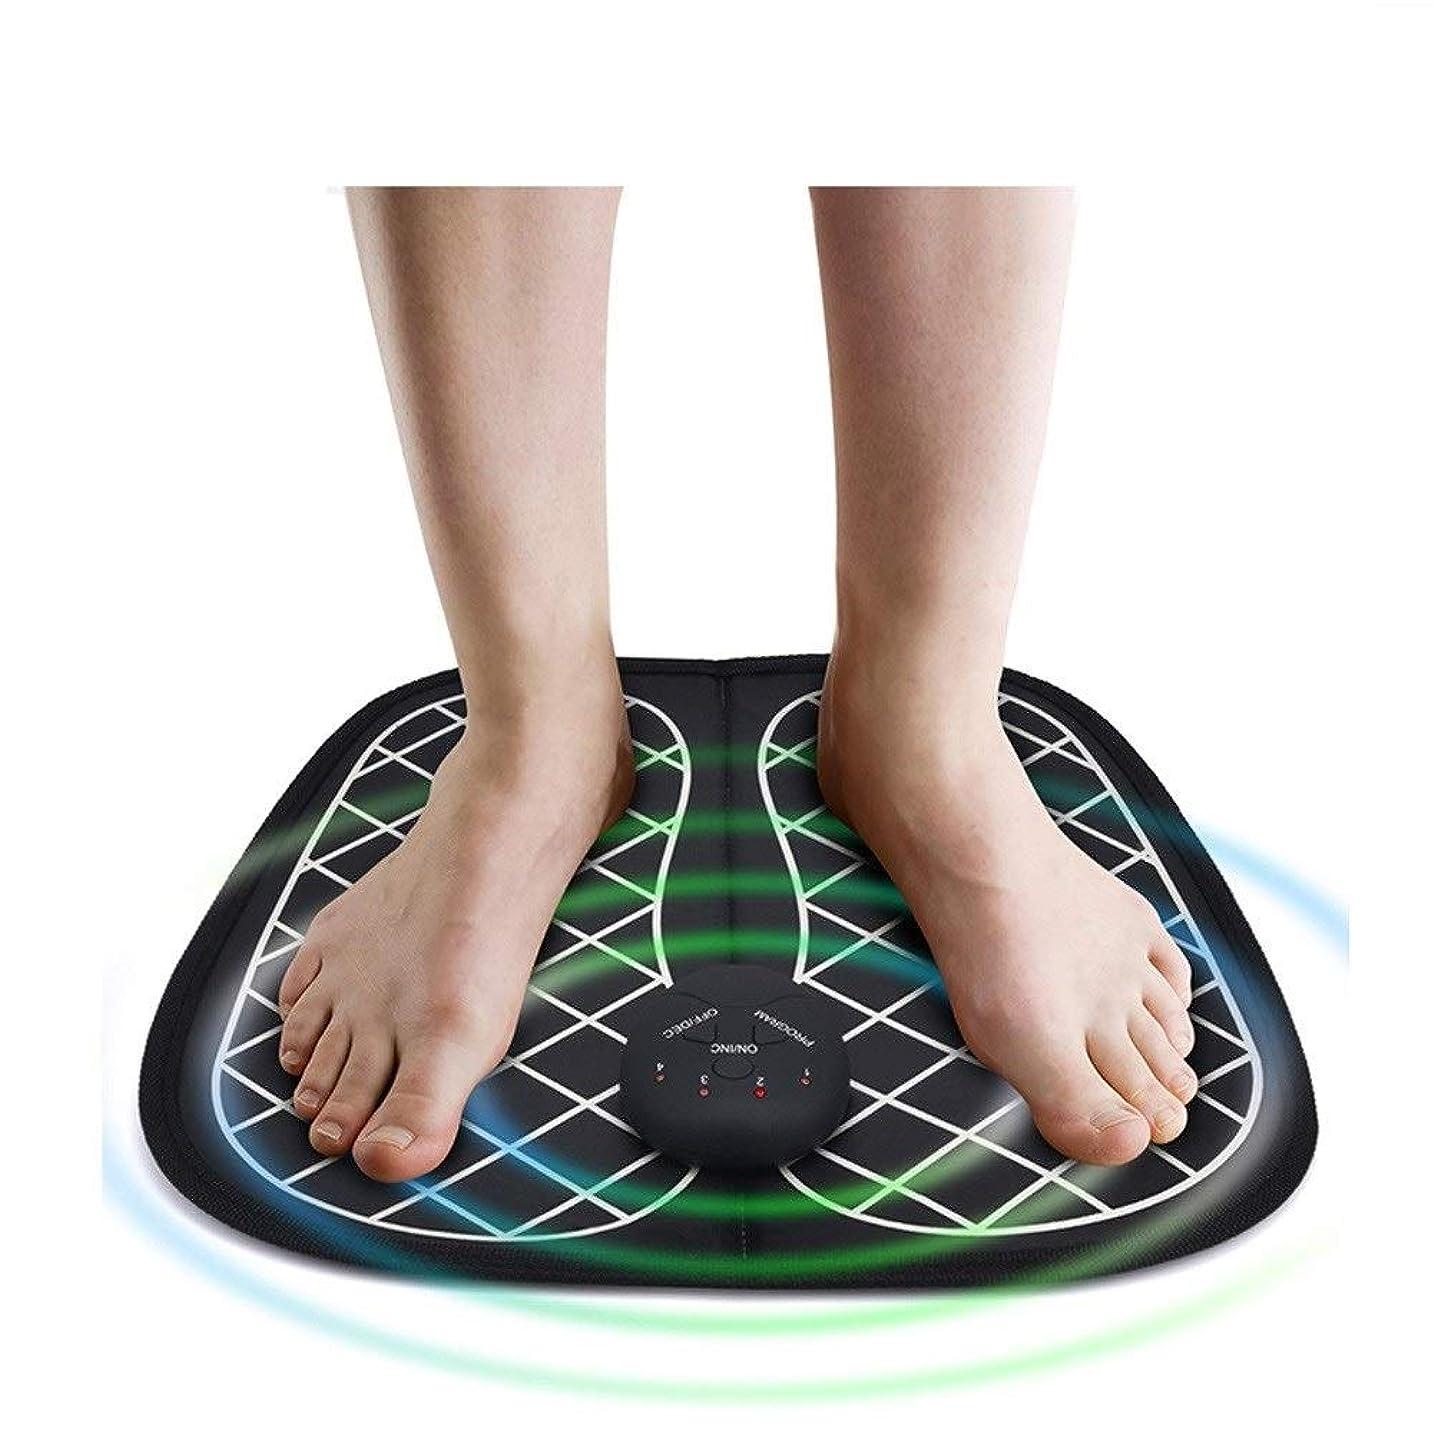 インレイ飢饉支出電気EMSの足筋肉刺激物のマッサージャーの無線低頻度の足の理学療法のABS刺激物